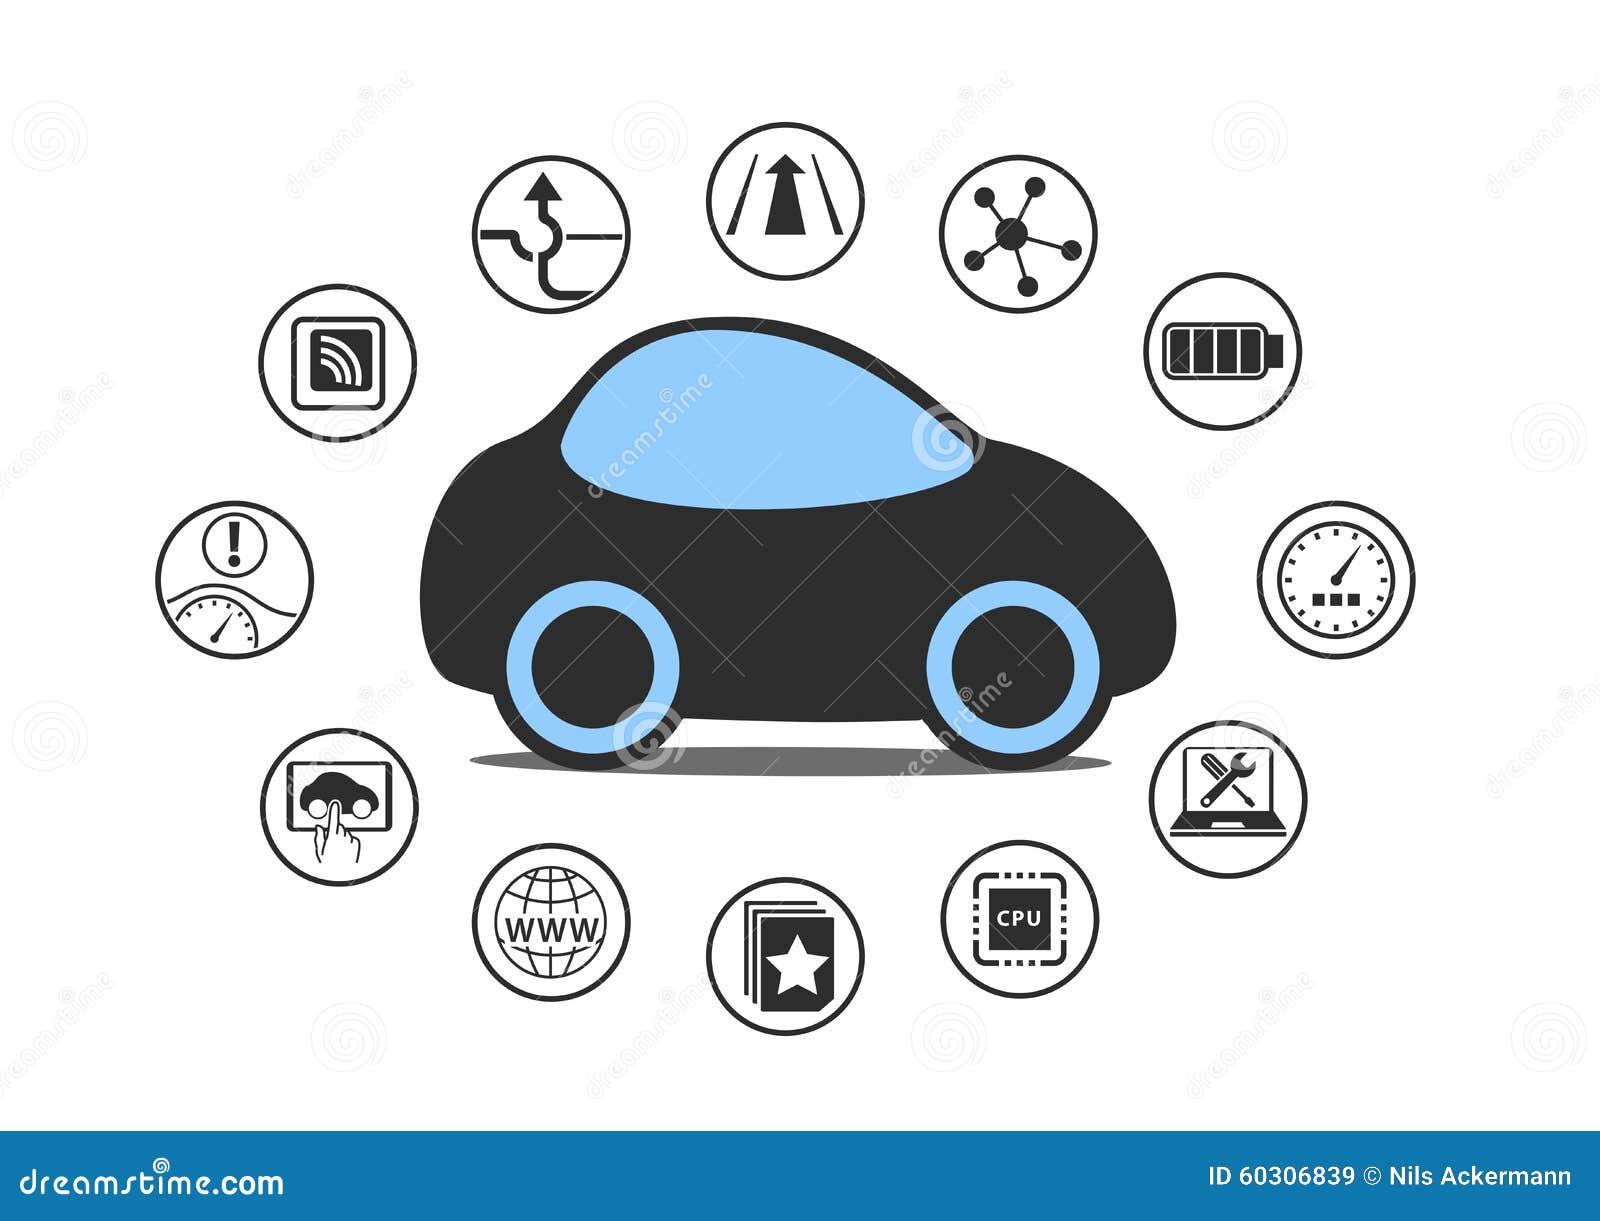 Auto que conduz o conceito do carro e do veículo autônomo O ícone do carro driverless com sensores gosta do auxílio da pista, cab